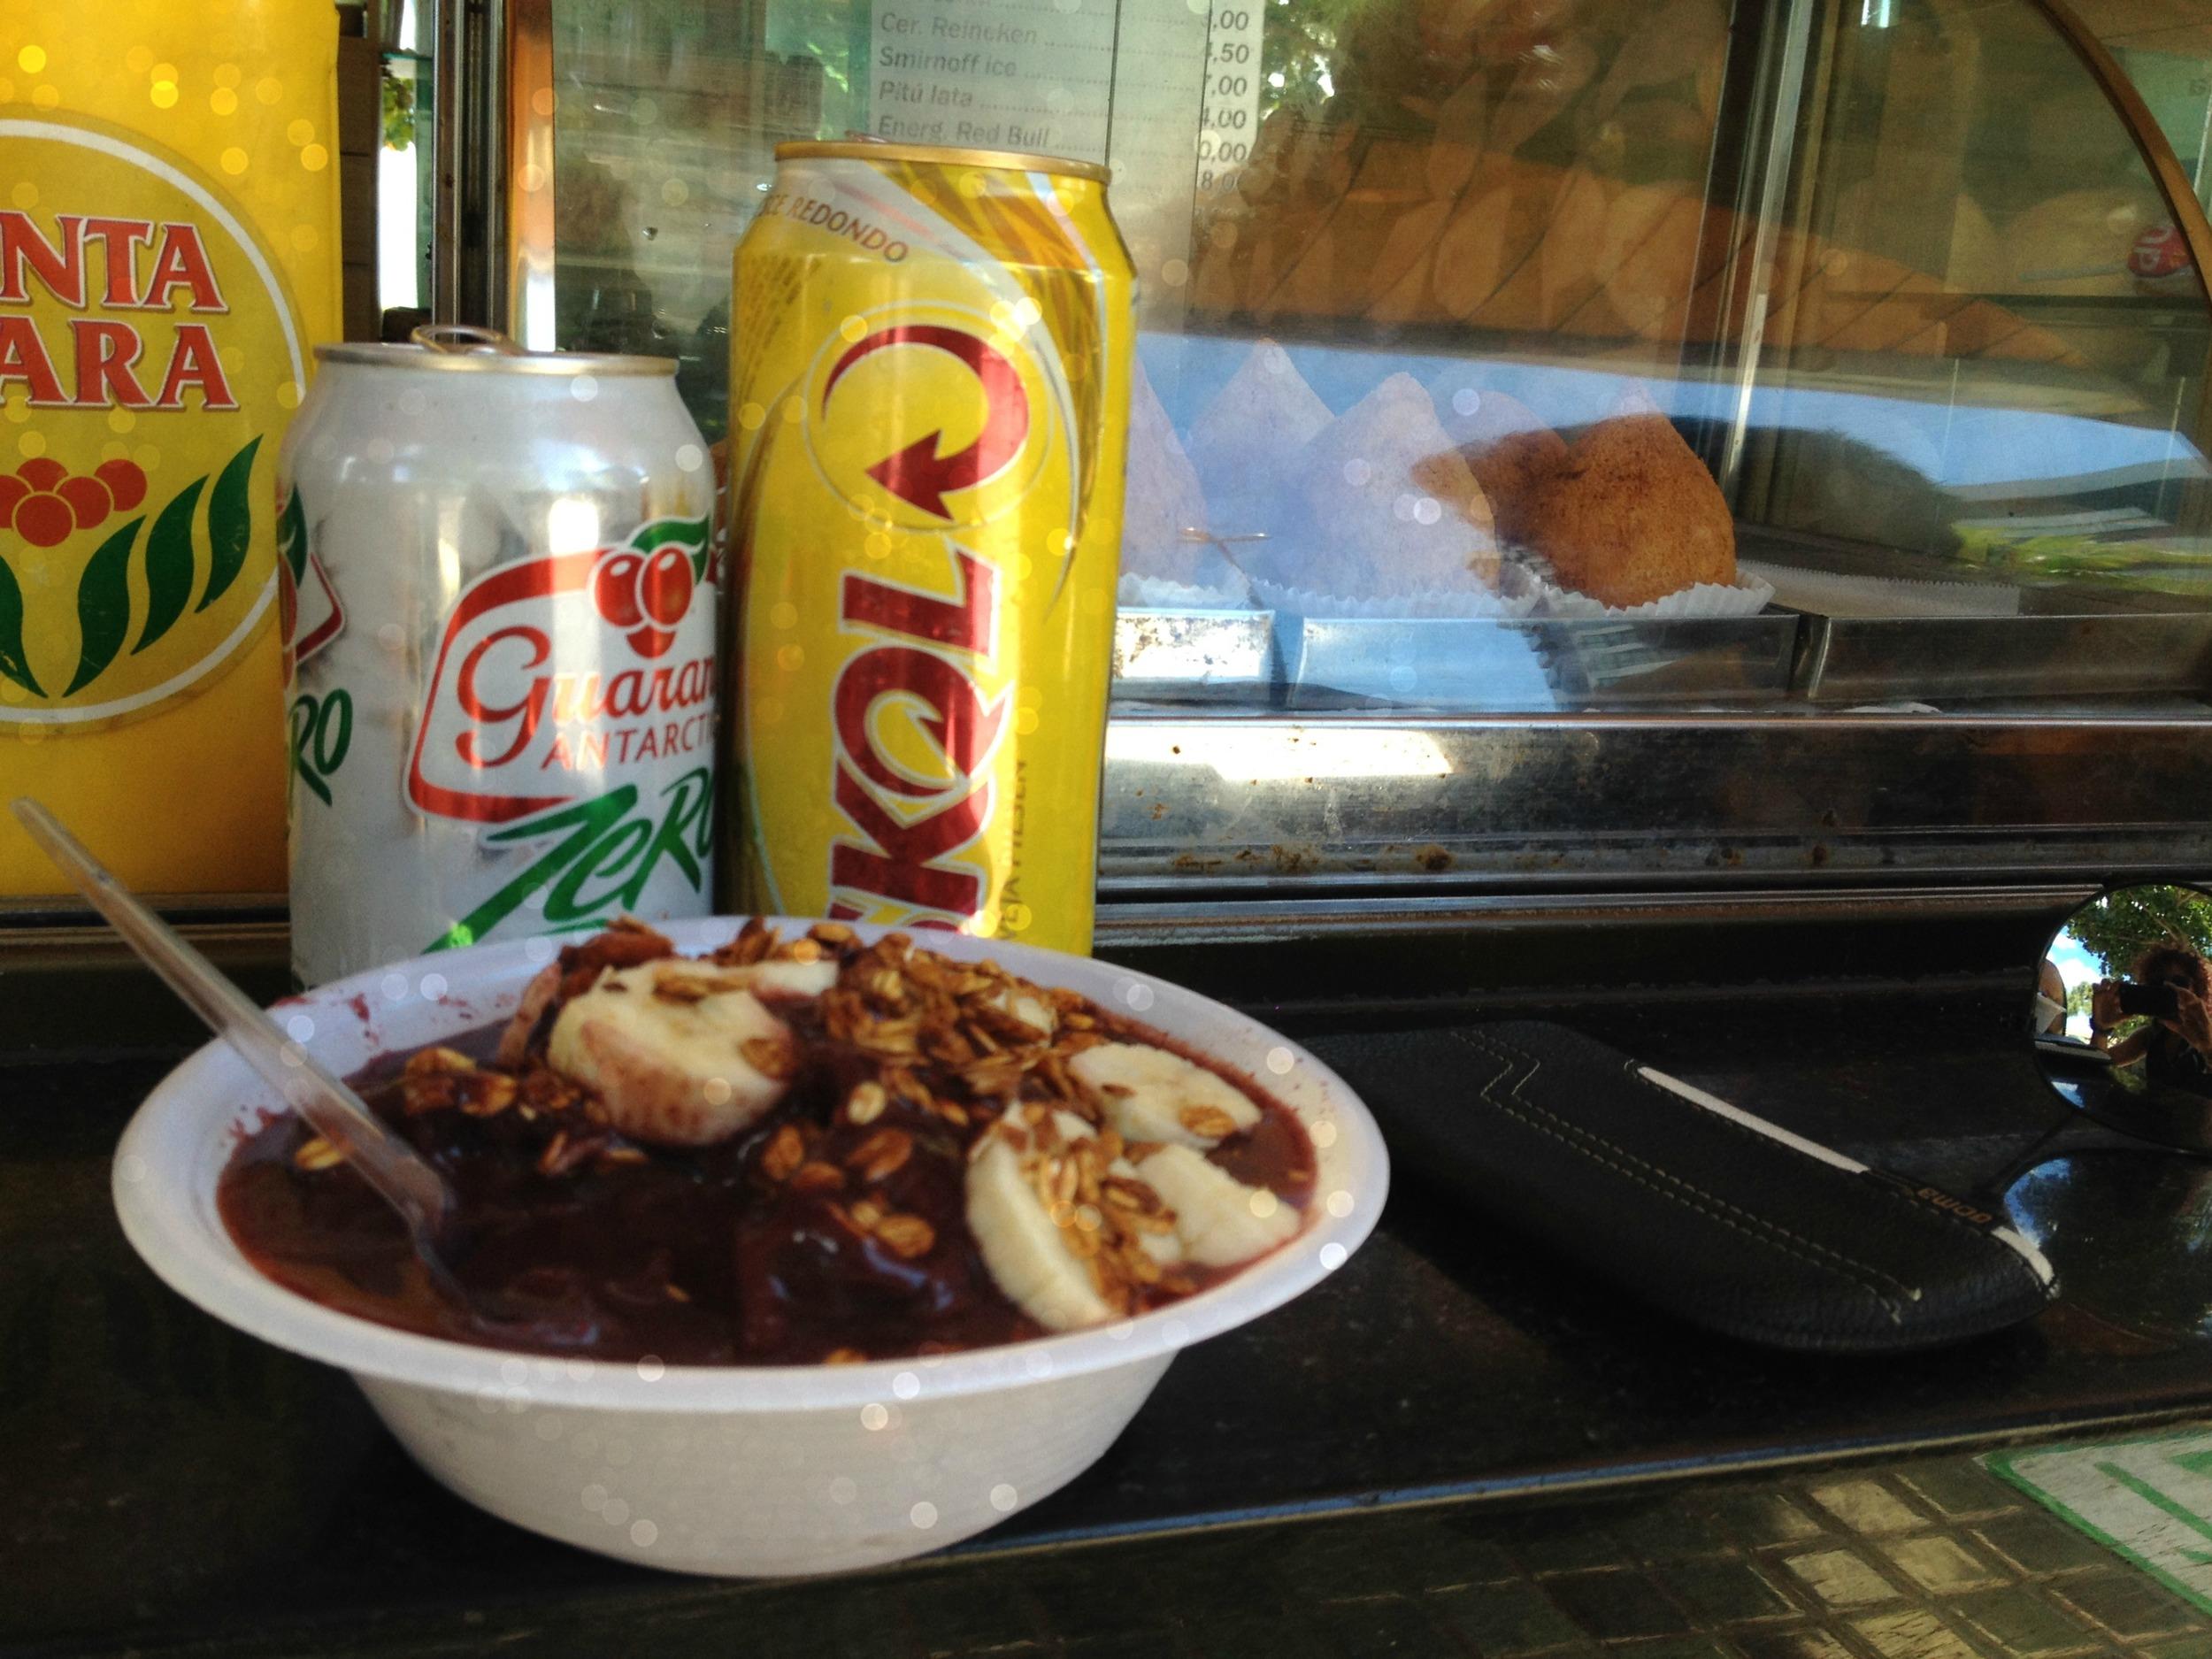 Dieta Carnavalesca: Açaí, Guaraná (soda), Skol (cerveza) y coixinha (fritura). Foto: Miosoti Alvarado